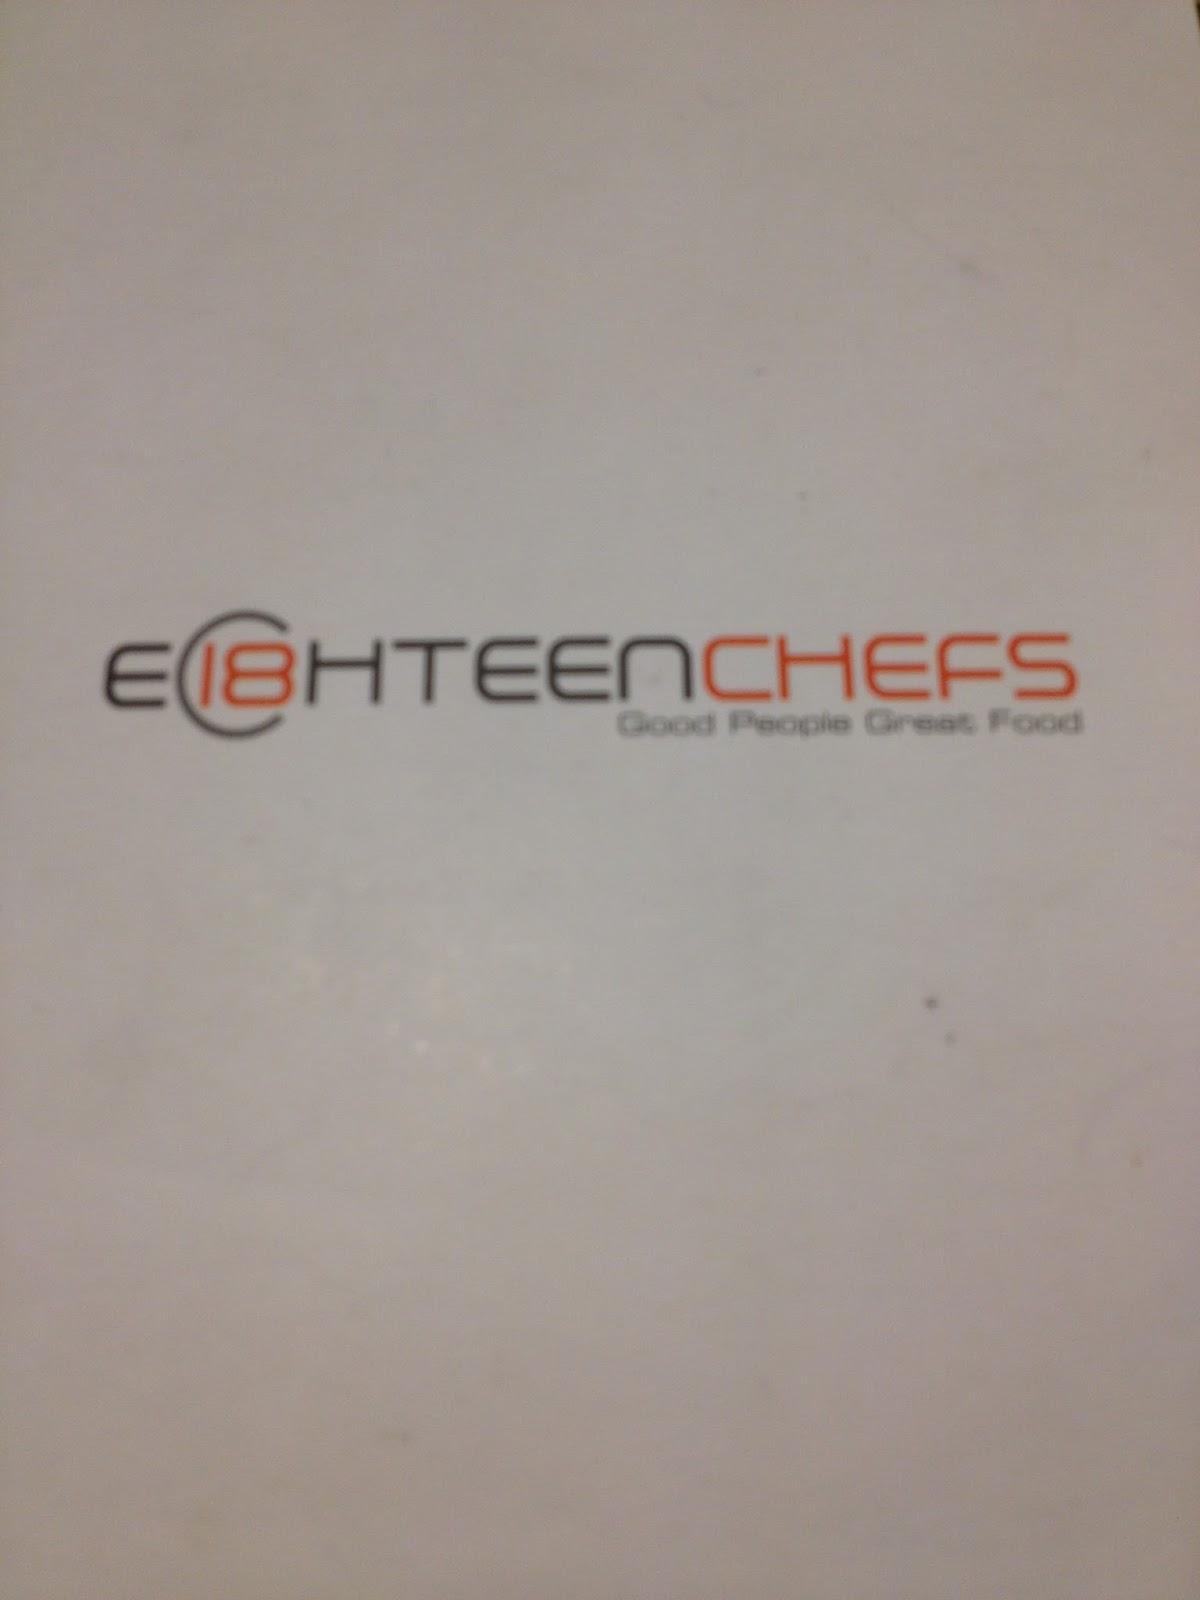 Food review eighteen chefs singapore - Eighteen Chef Food Review Food Review